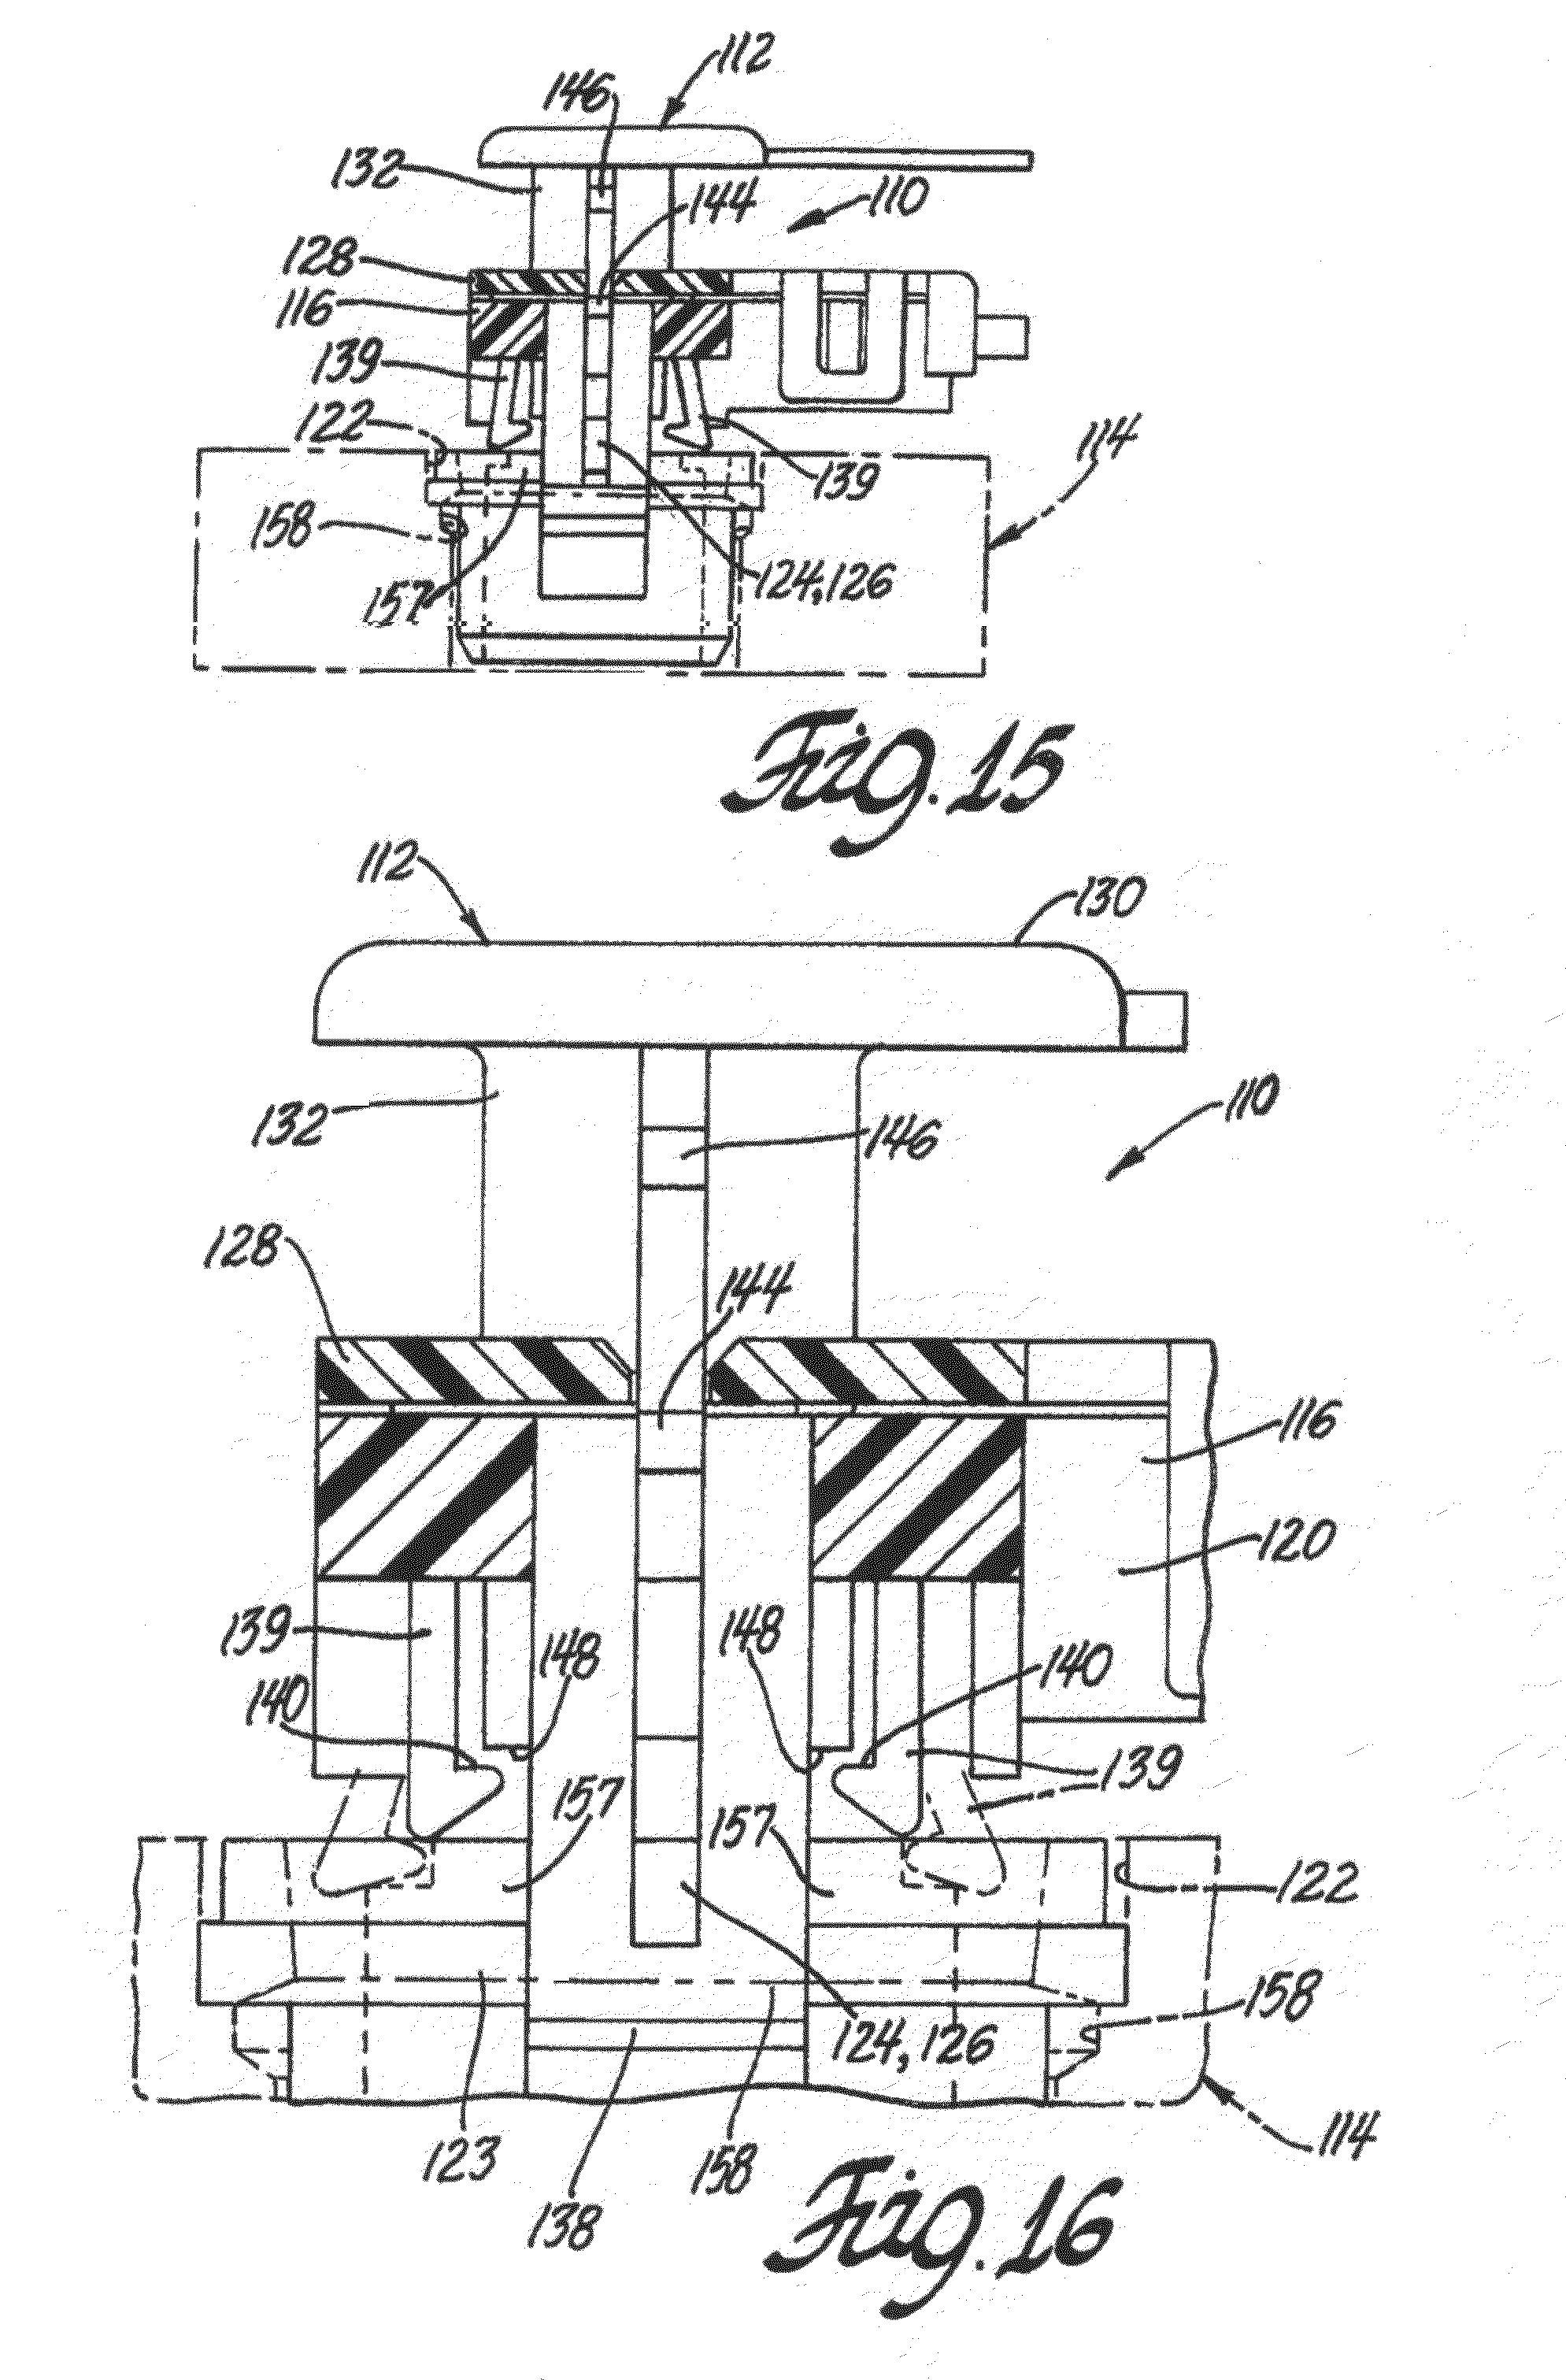 delphi pbt gf30 wiring diagram